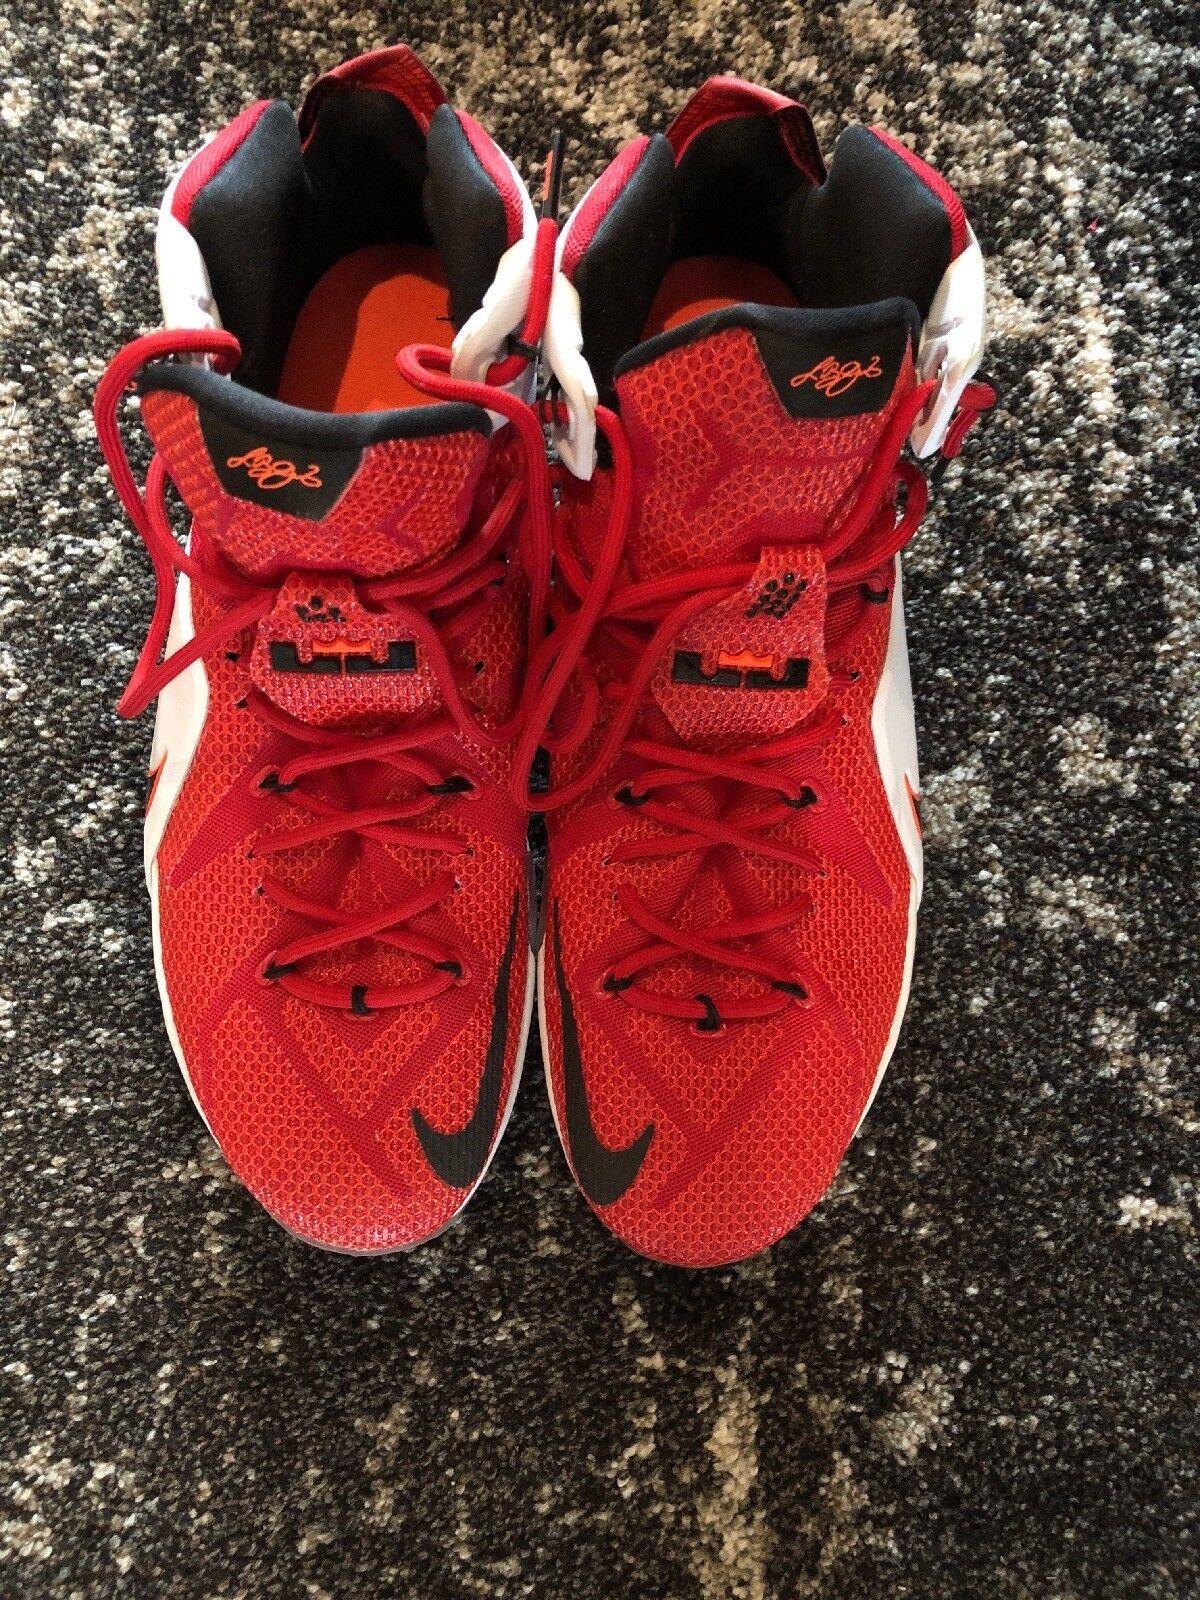 reputable site c99d9 ec08c Nike Lebron 12. Size 15 Red. Nike Men s Air Jordan ...